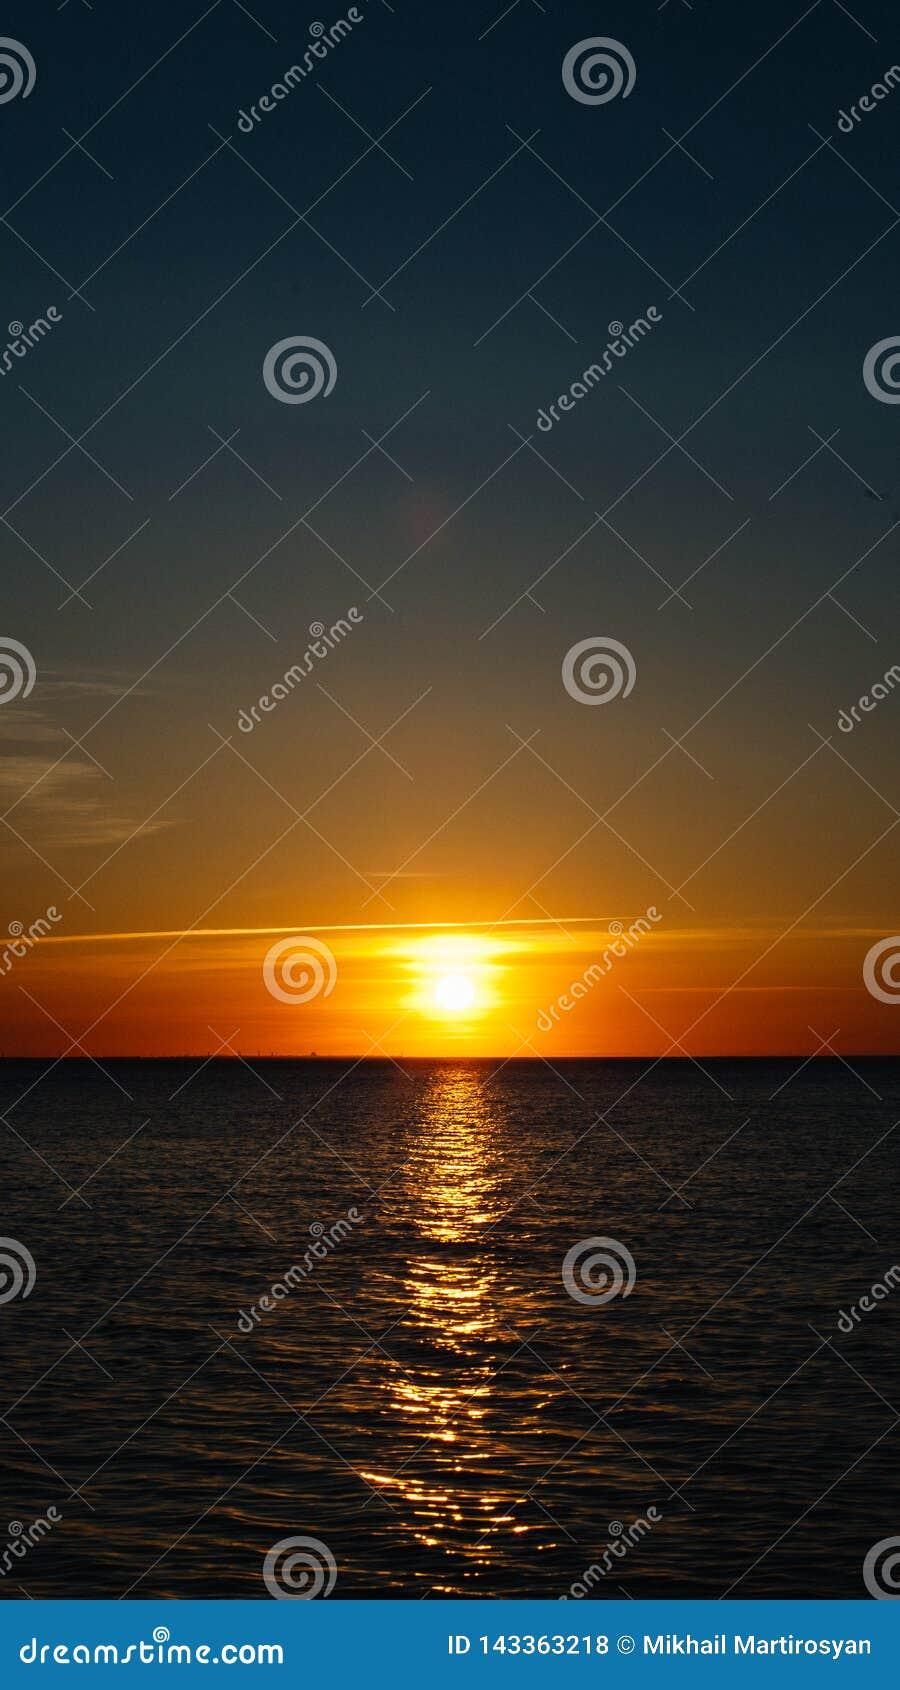 Op zee zonsondergang of dageraad De kust van de Zwarte Zee Mobiele Screensaver, Verticaal schema, Aardbehang Mooie Kleuren, Marin